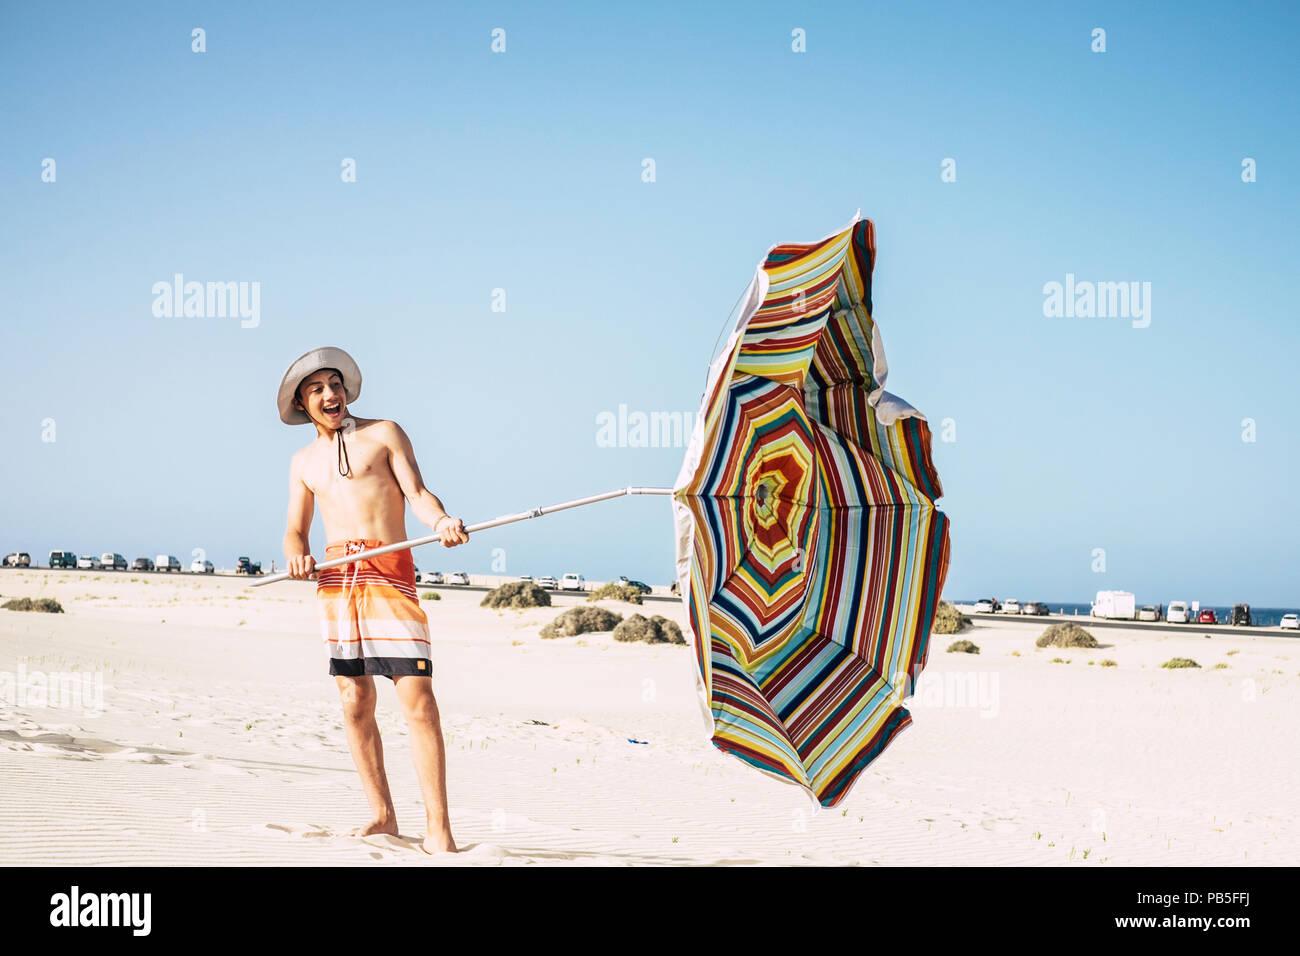 Giovane maschio adolescente caucasica giocare con ombrello sole e vento in un paradiso di sabbia spiaggia. Il sorriso e divertirsi godendosi la vacanza e il clima caldo Foto Stock